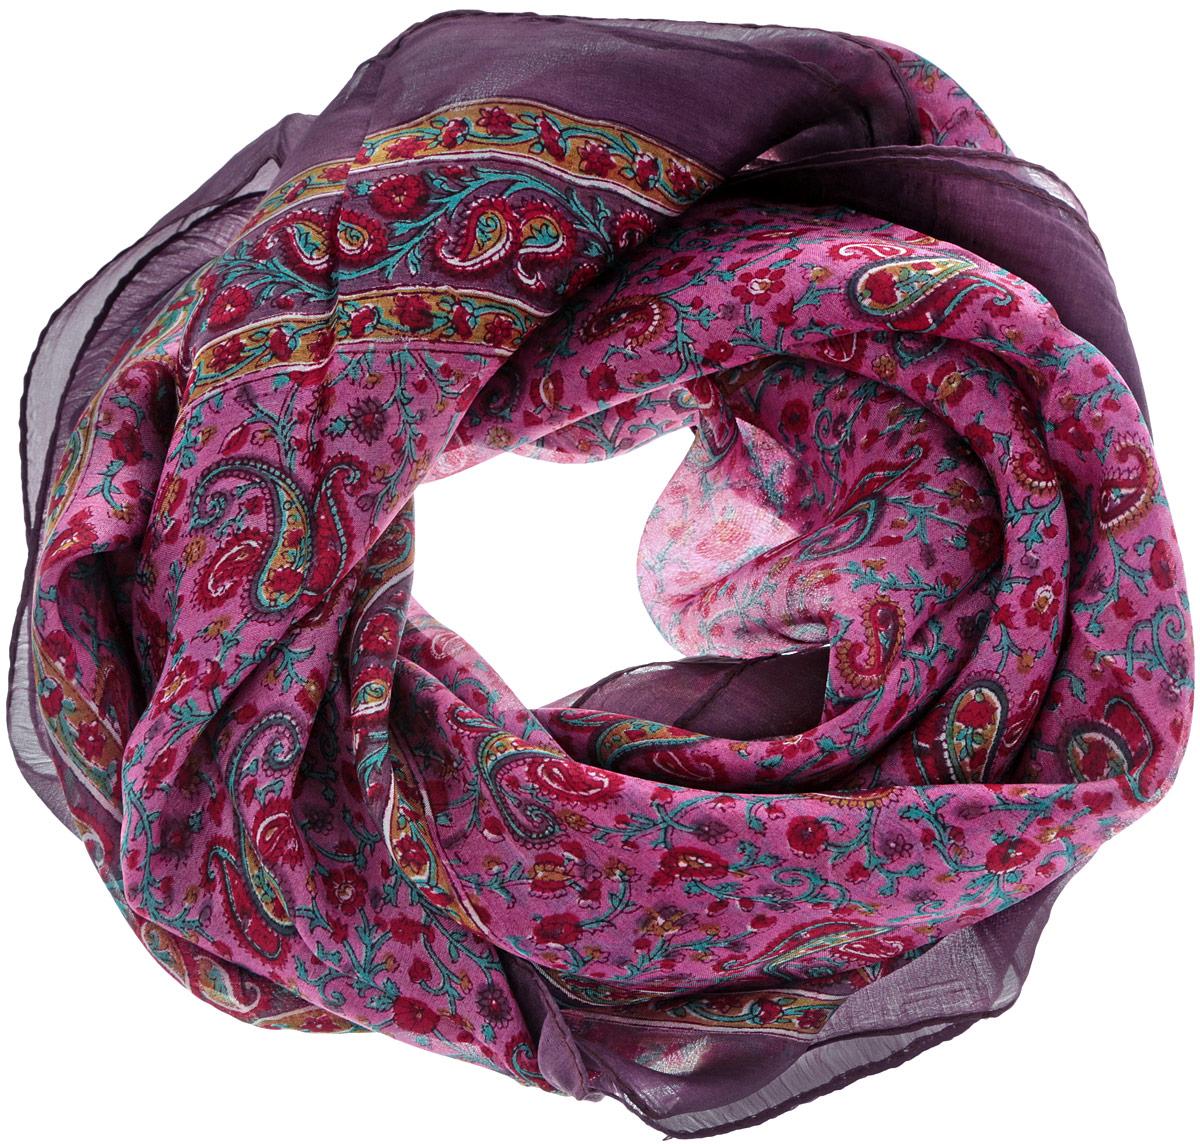 Платок женский Ethnica, цвет: темно-фиолетовый, розовый, бирюзовый. 560135н. Размер 100 см х 100 см560135нСтильный женский платок Ethnica станет великолепным завершением любого наряда. Платок изготовлен из 100% шелка с использованием натуральных красителей, оформлен оригинальным орнаментом. Классическая квадратная форма позволяет носить платок на шее, украшать им прическу или декорировать сумочку. Такой платок превосходно дополнит любой наряд и подчеркнет ваш неповторимый вкус и элегантность.